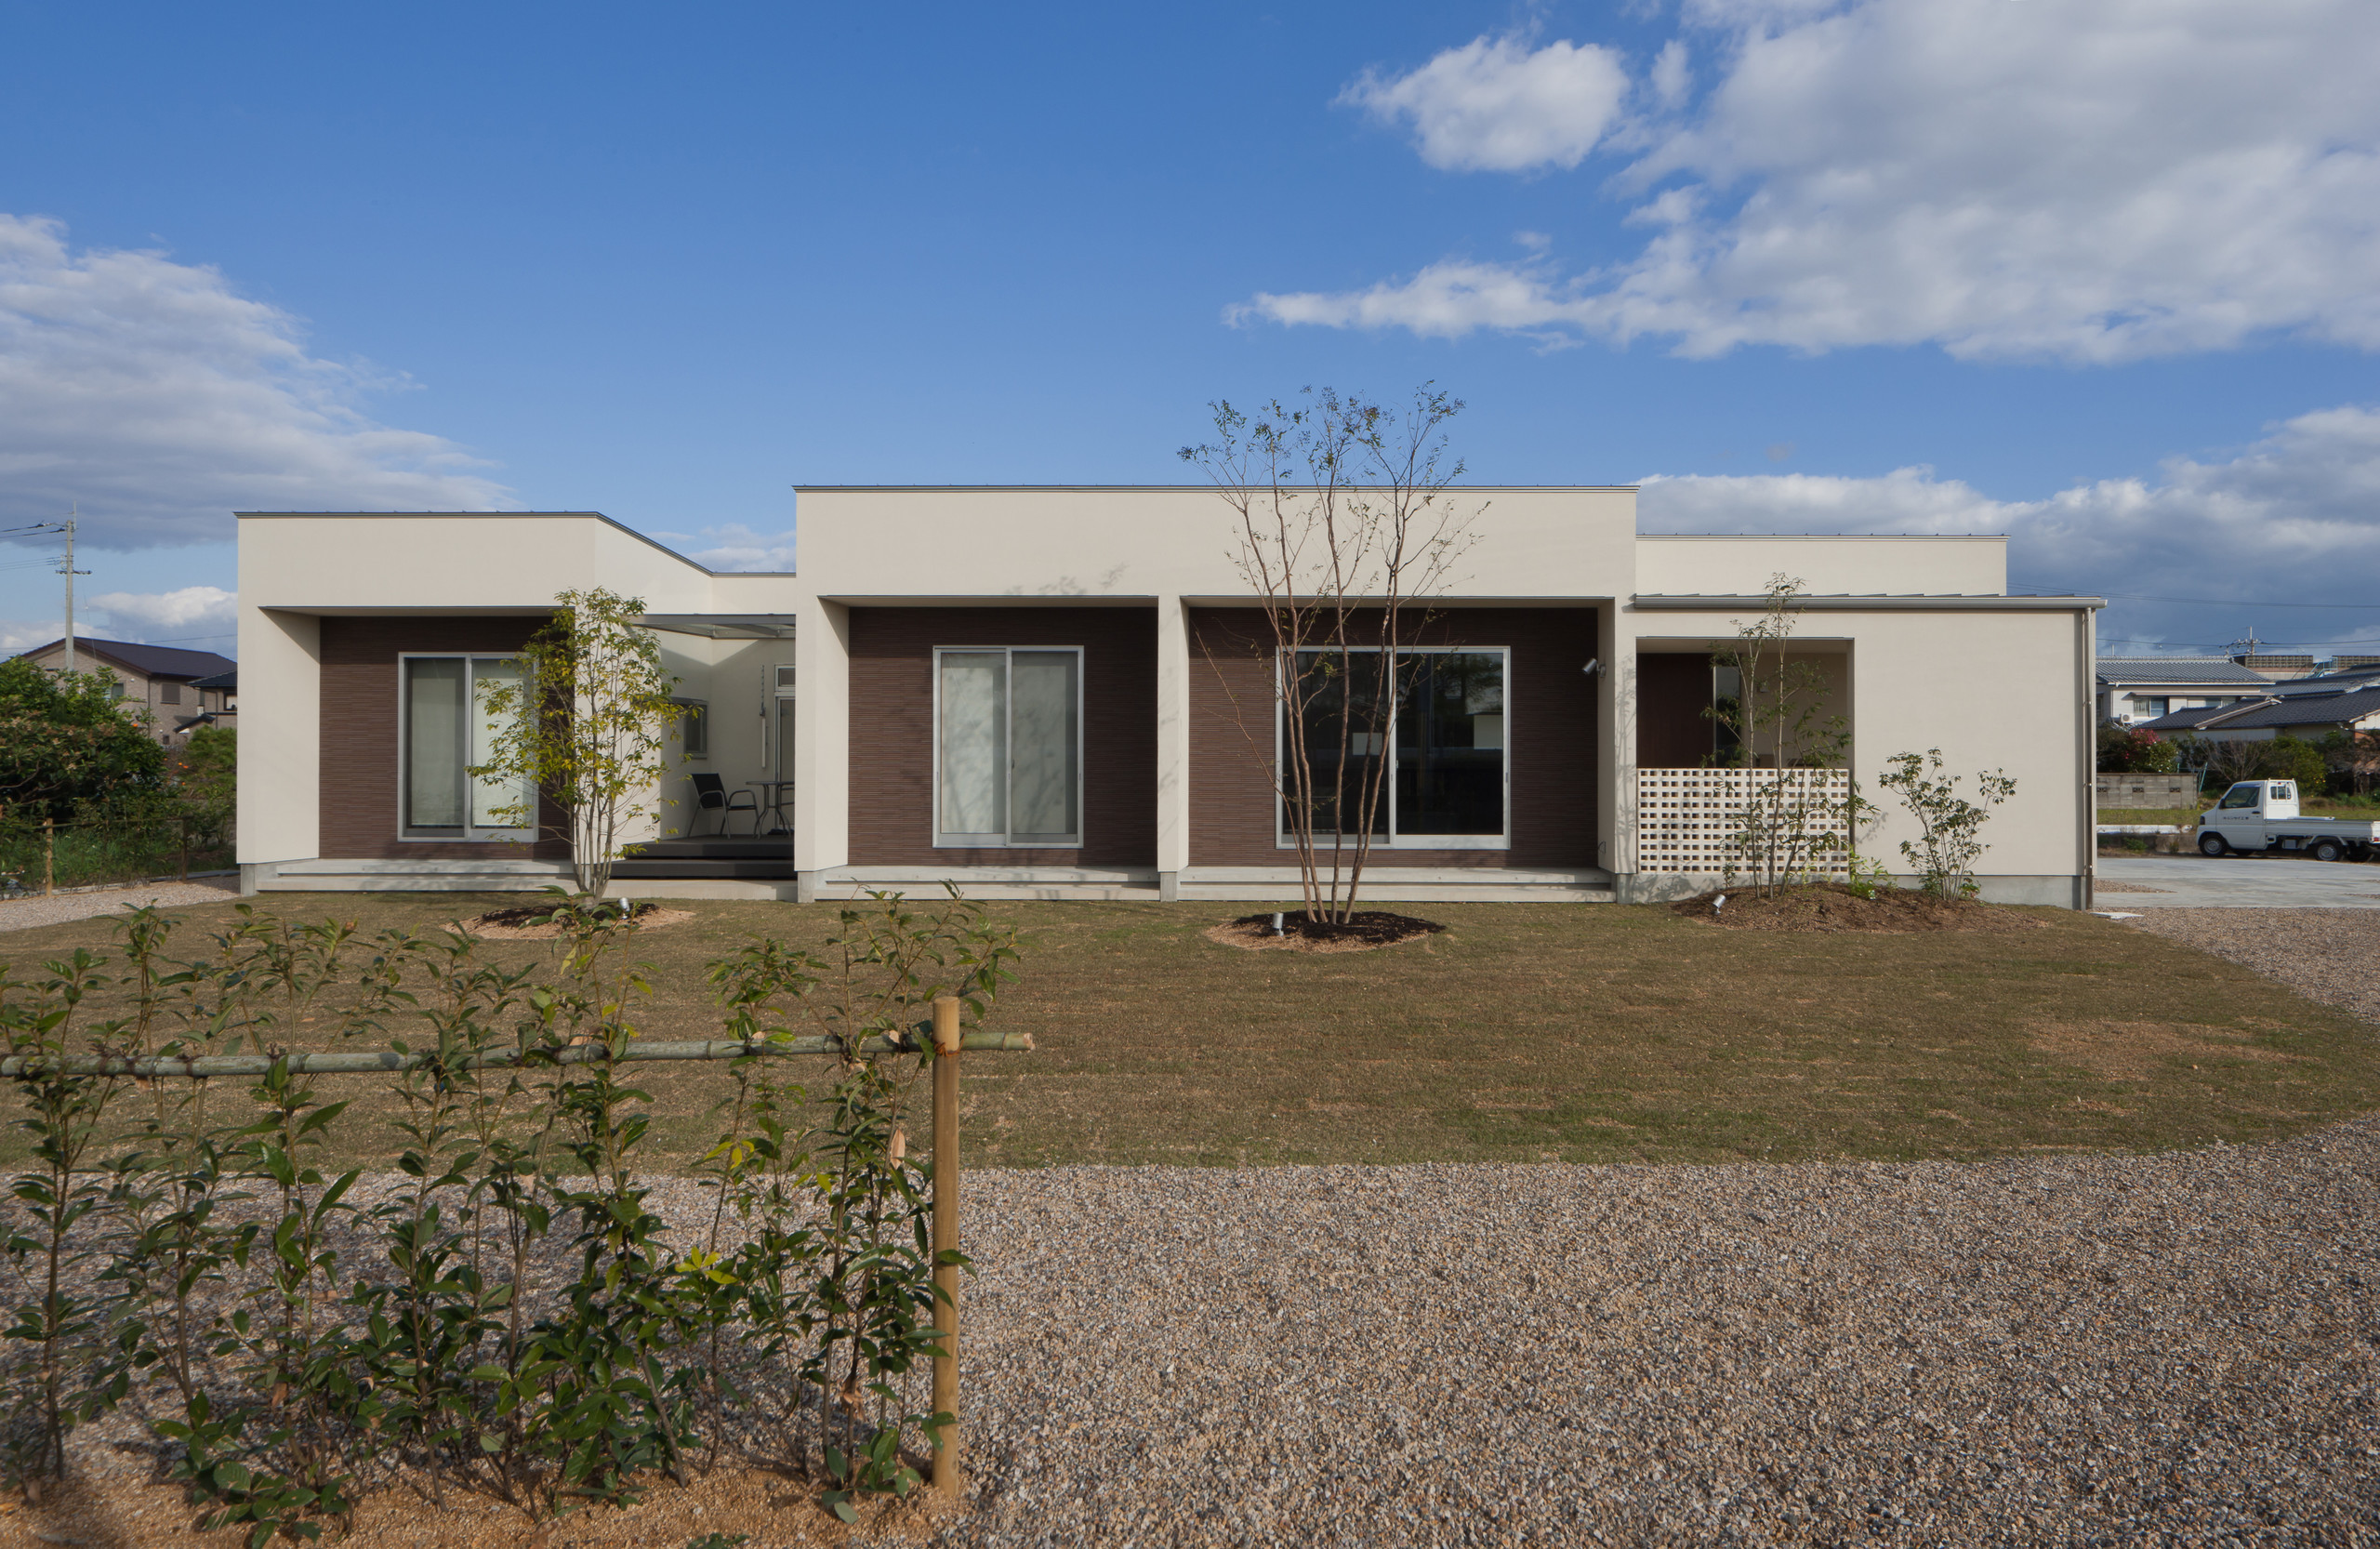 南側外観   内外モノトーン、広い敷地にゆったりと佇む平屋建て(50坪弱)